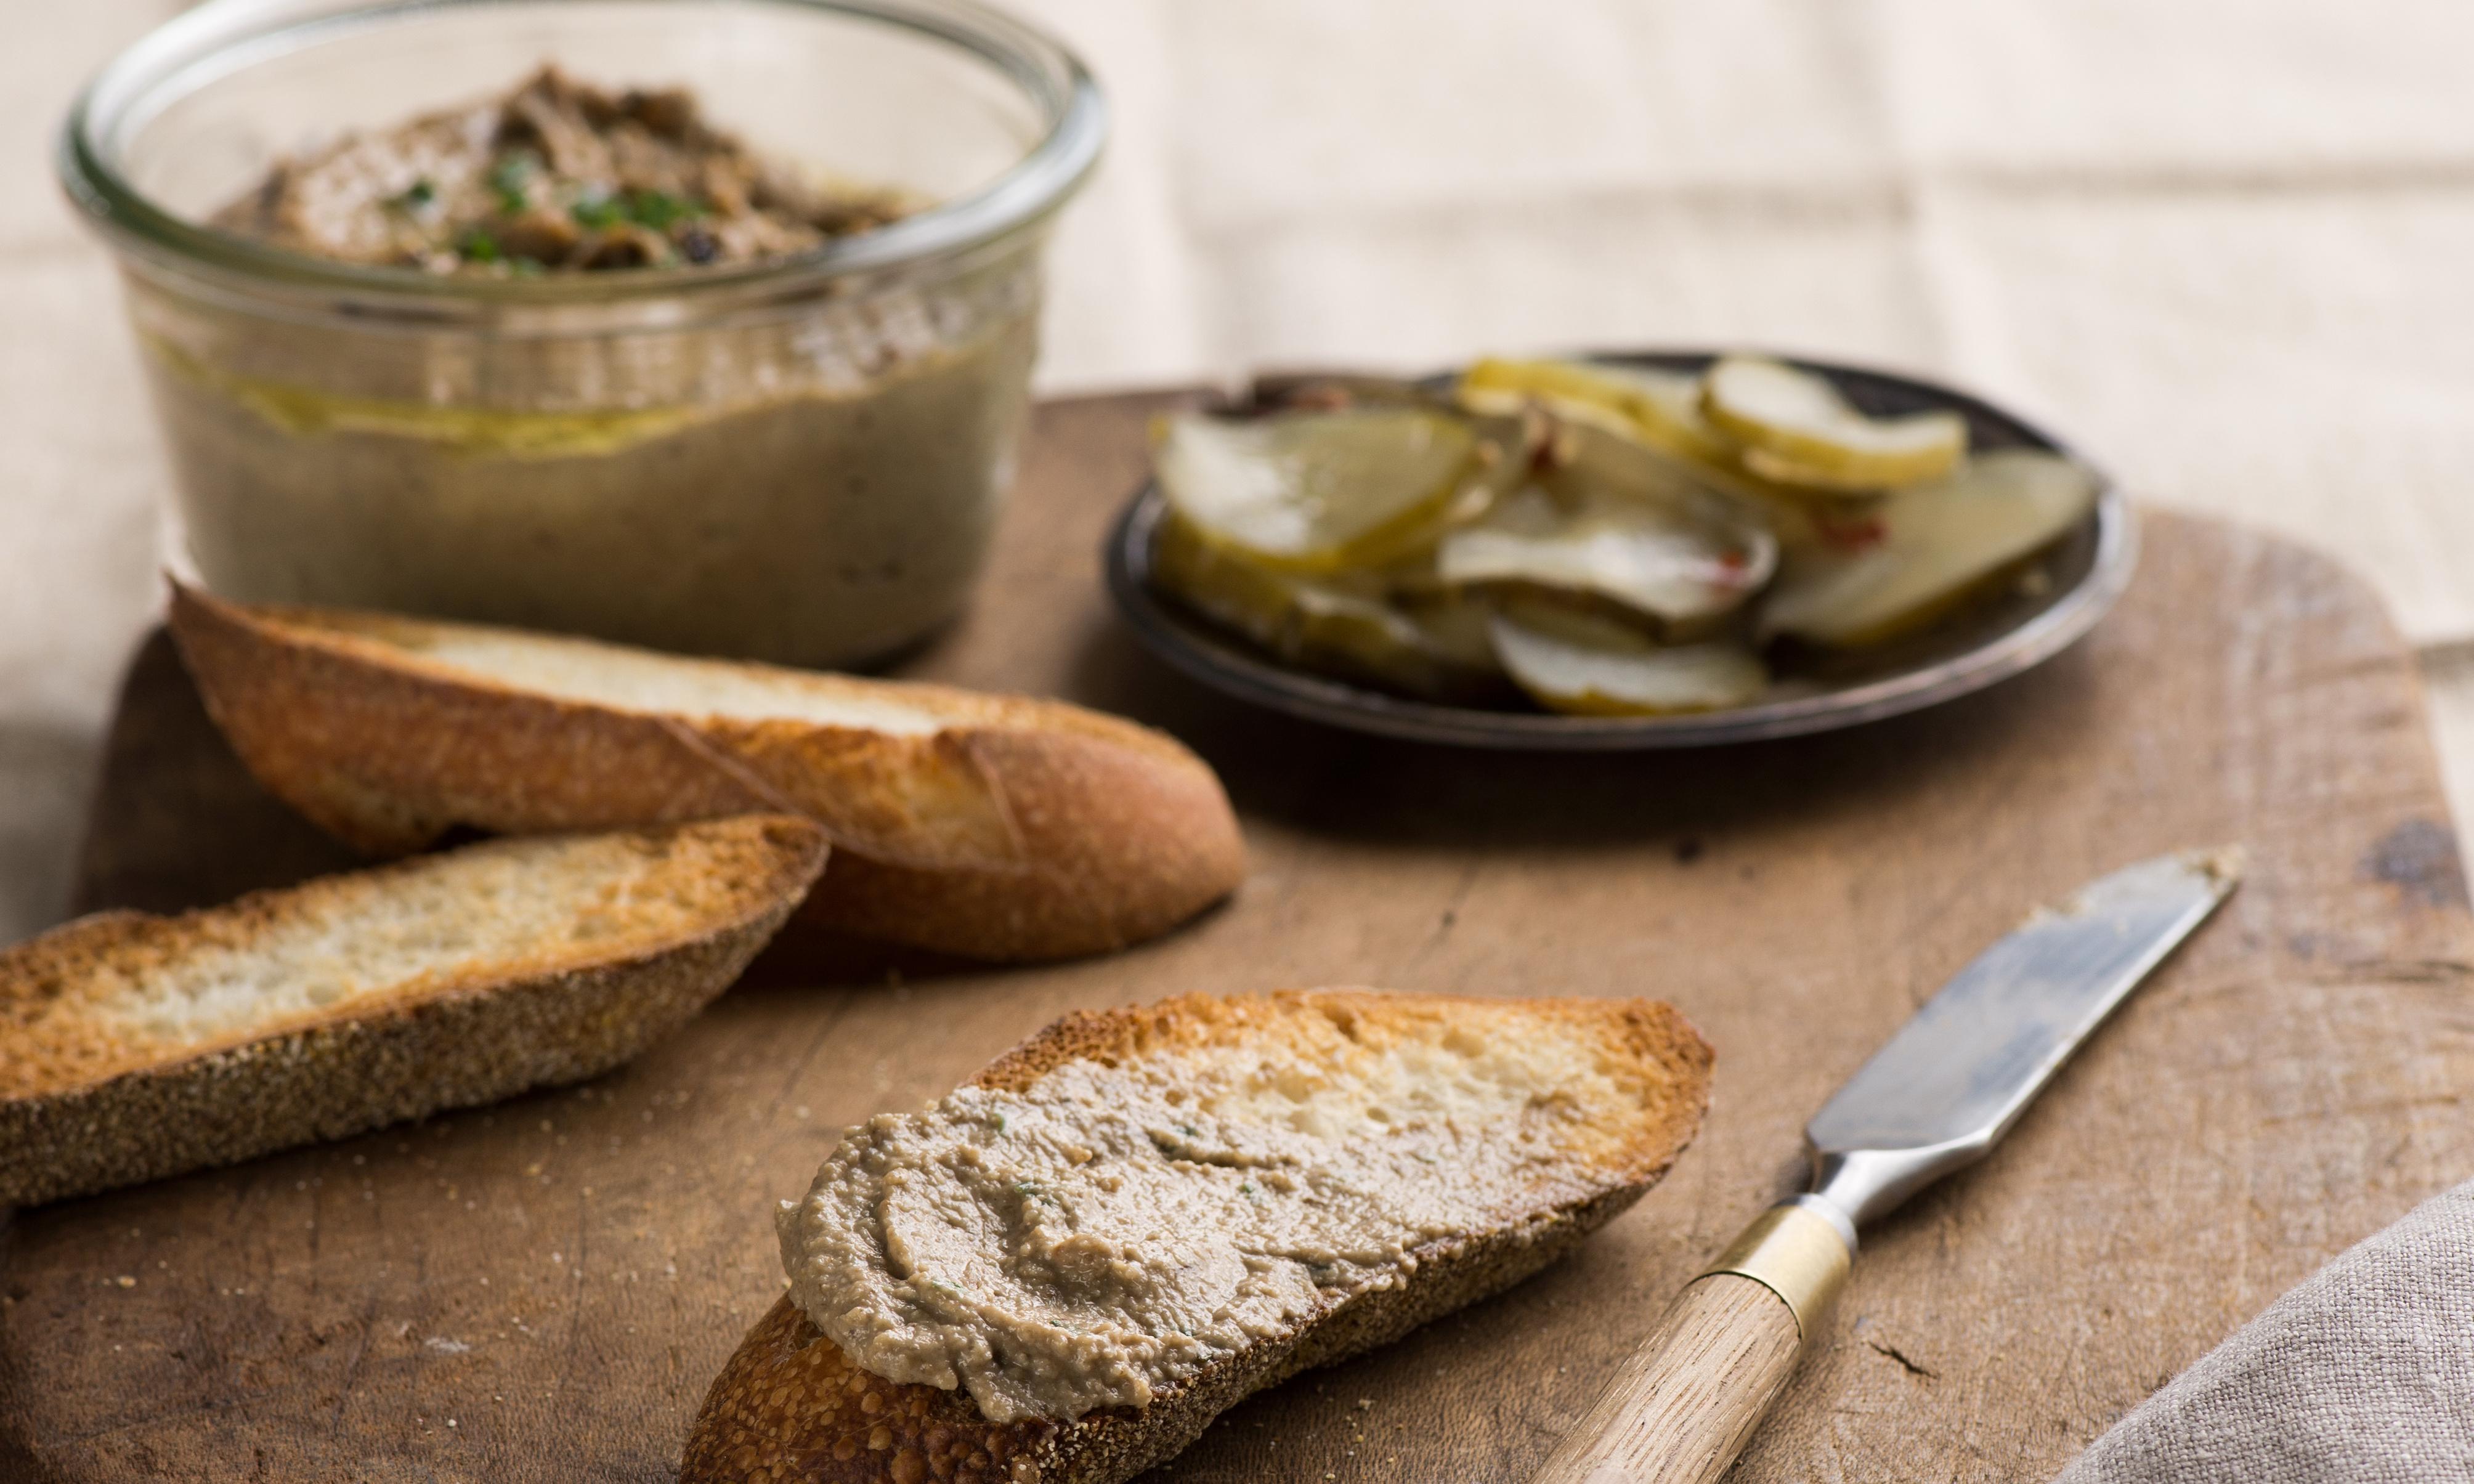 Taking on Veganuary: truffled mushroom paté recipe